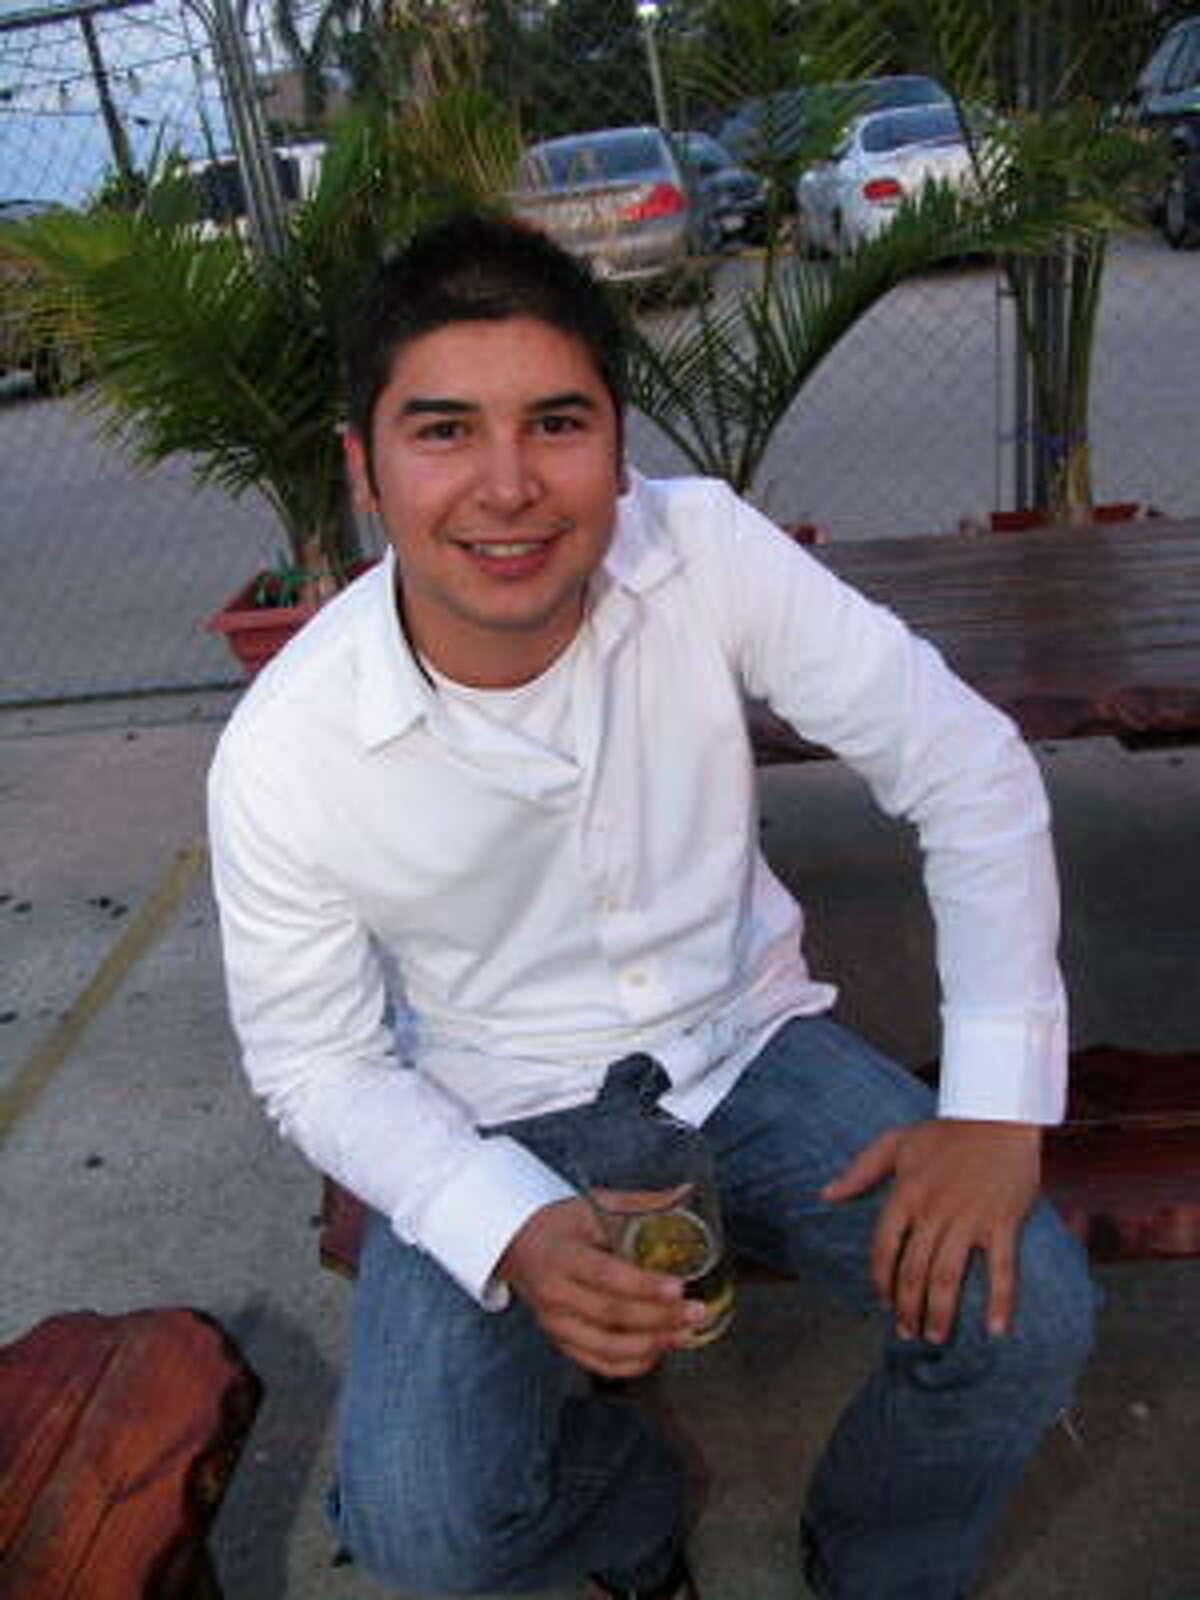 Isaac Nunez